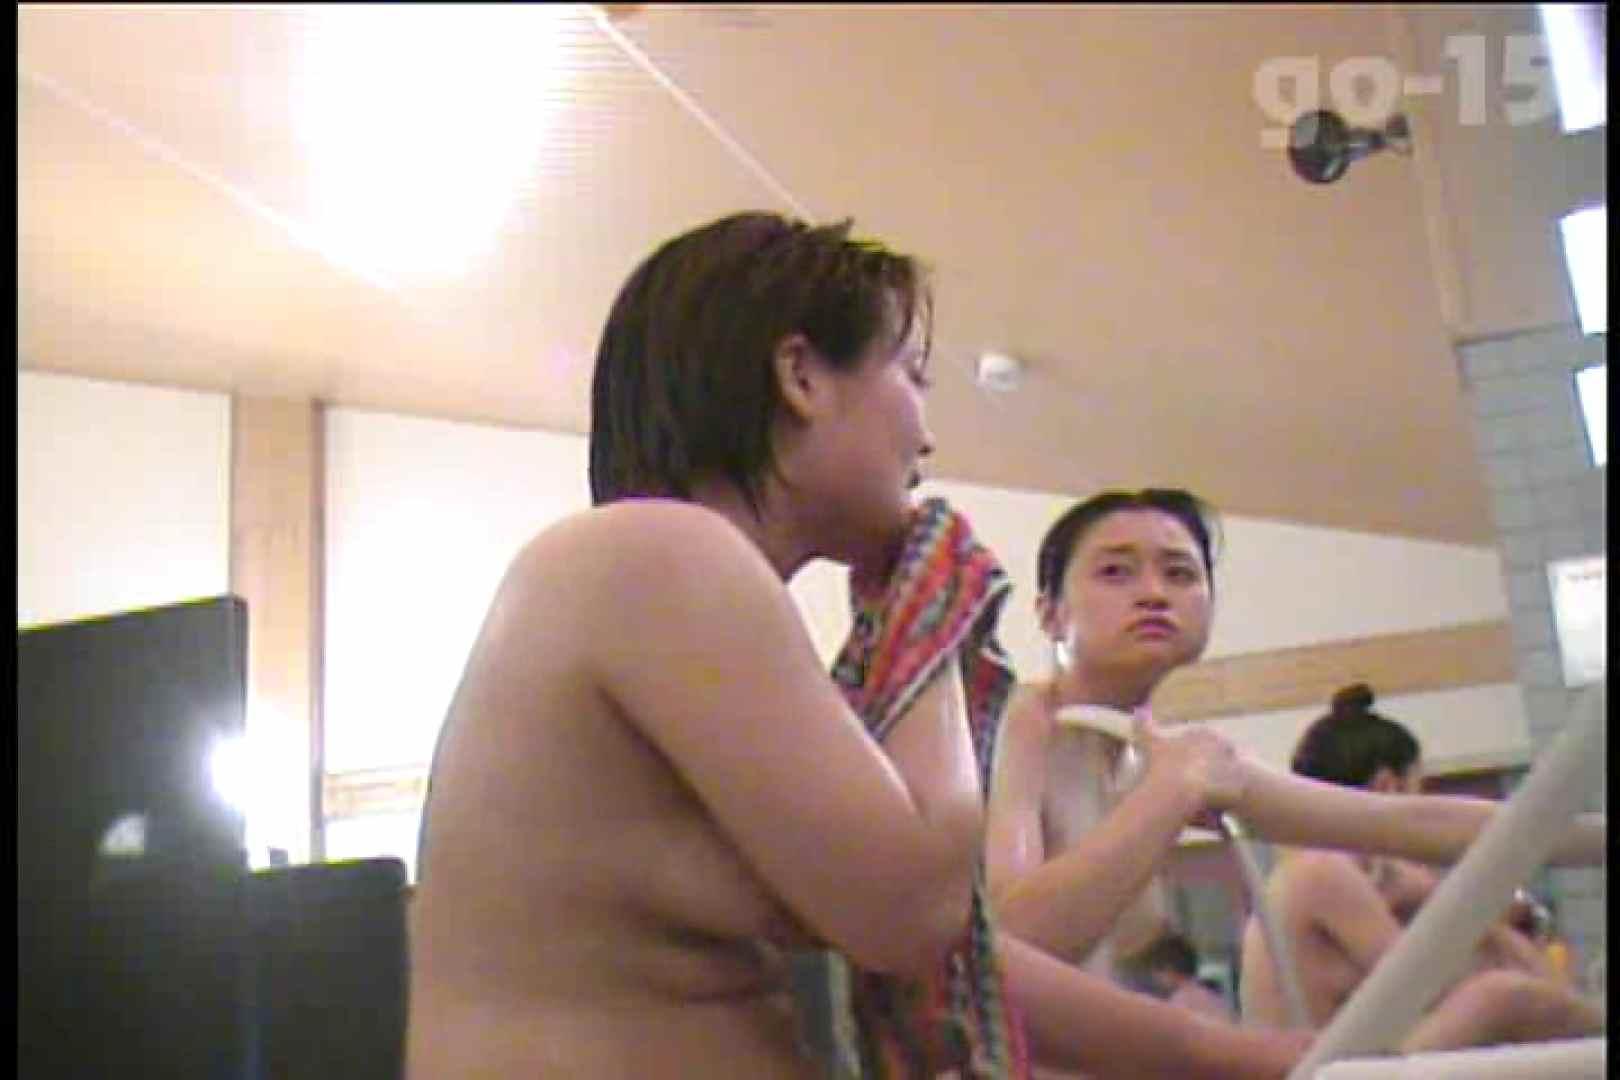 電波カメラ設置浴場からの防HAN映像 Vol.15 OL女体  90連発 6